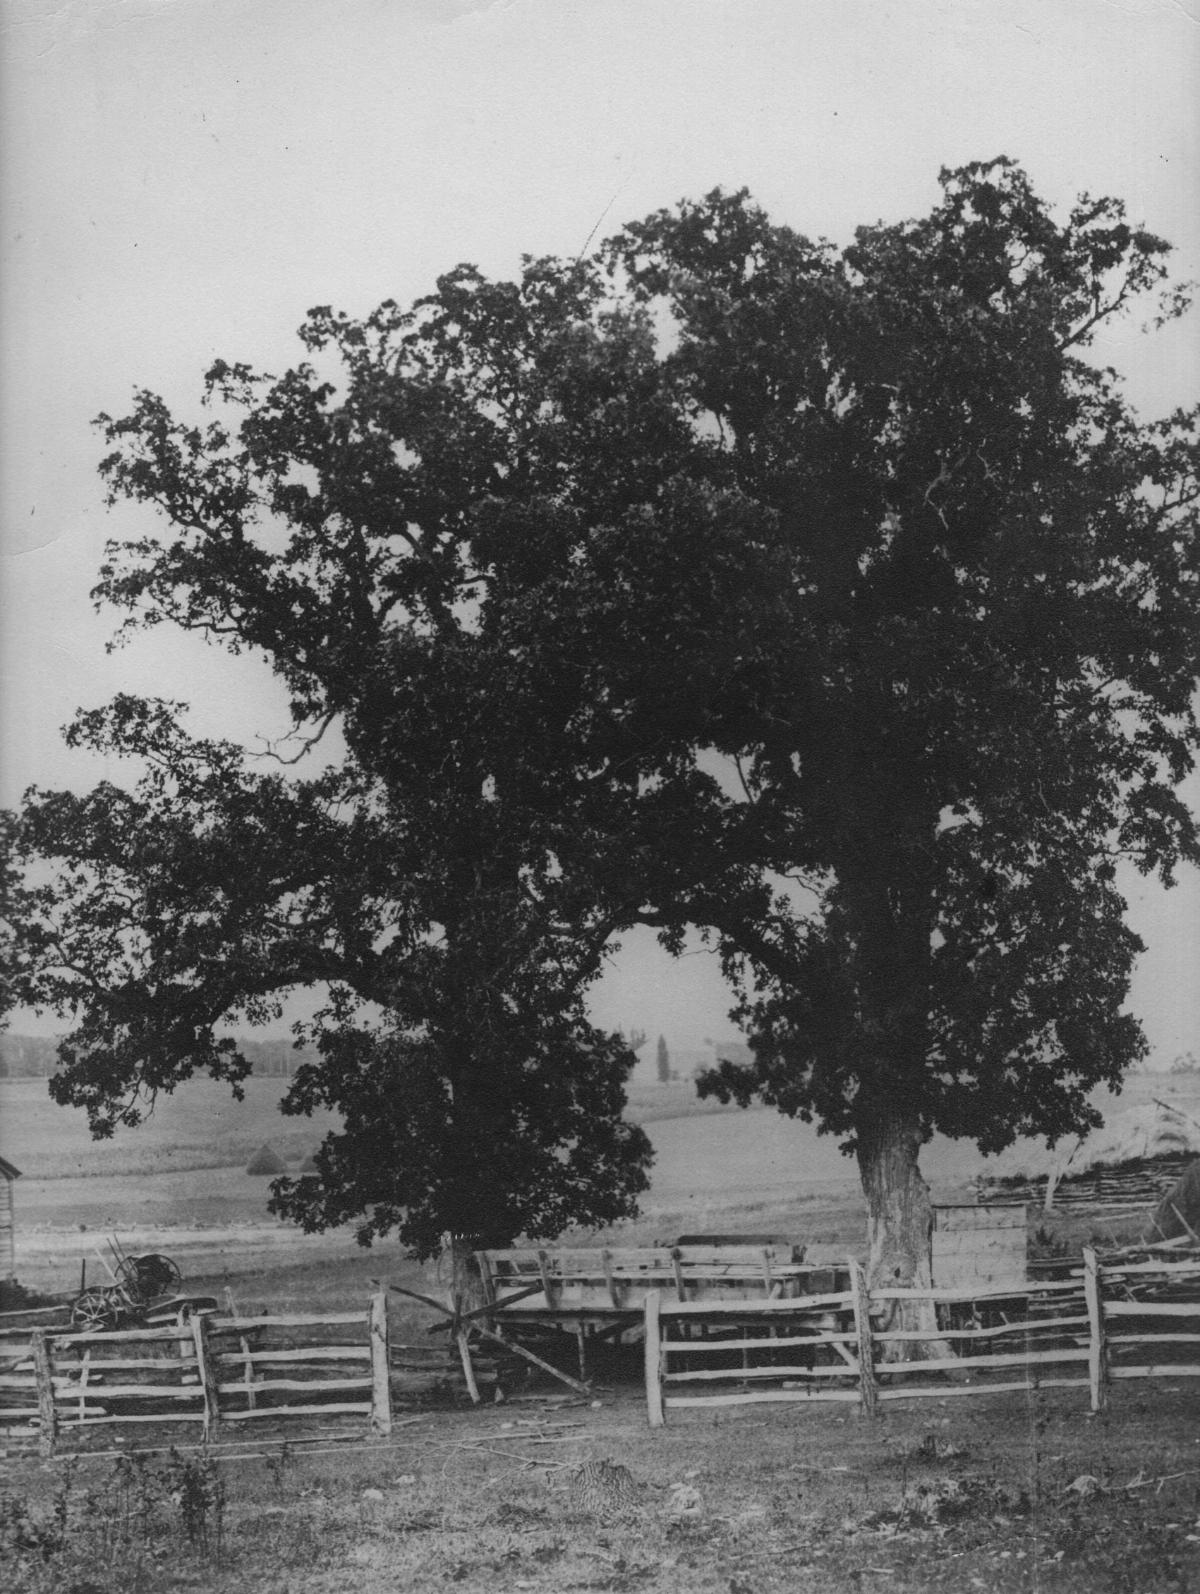 two oak trees in a field